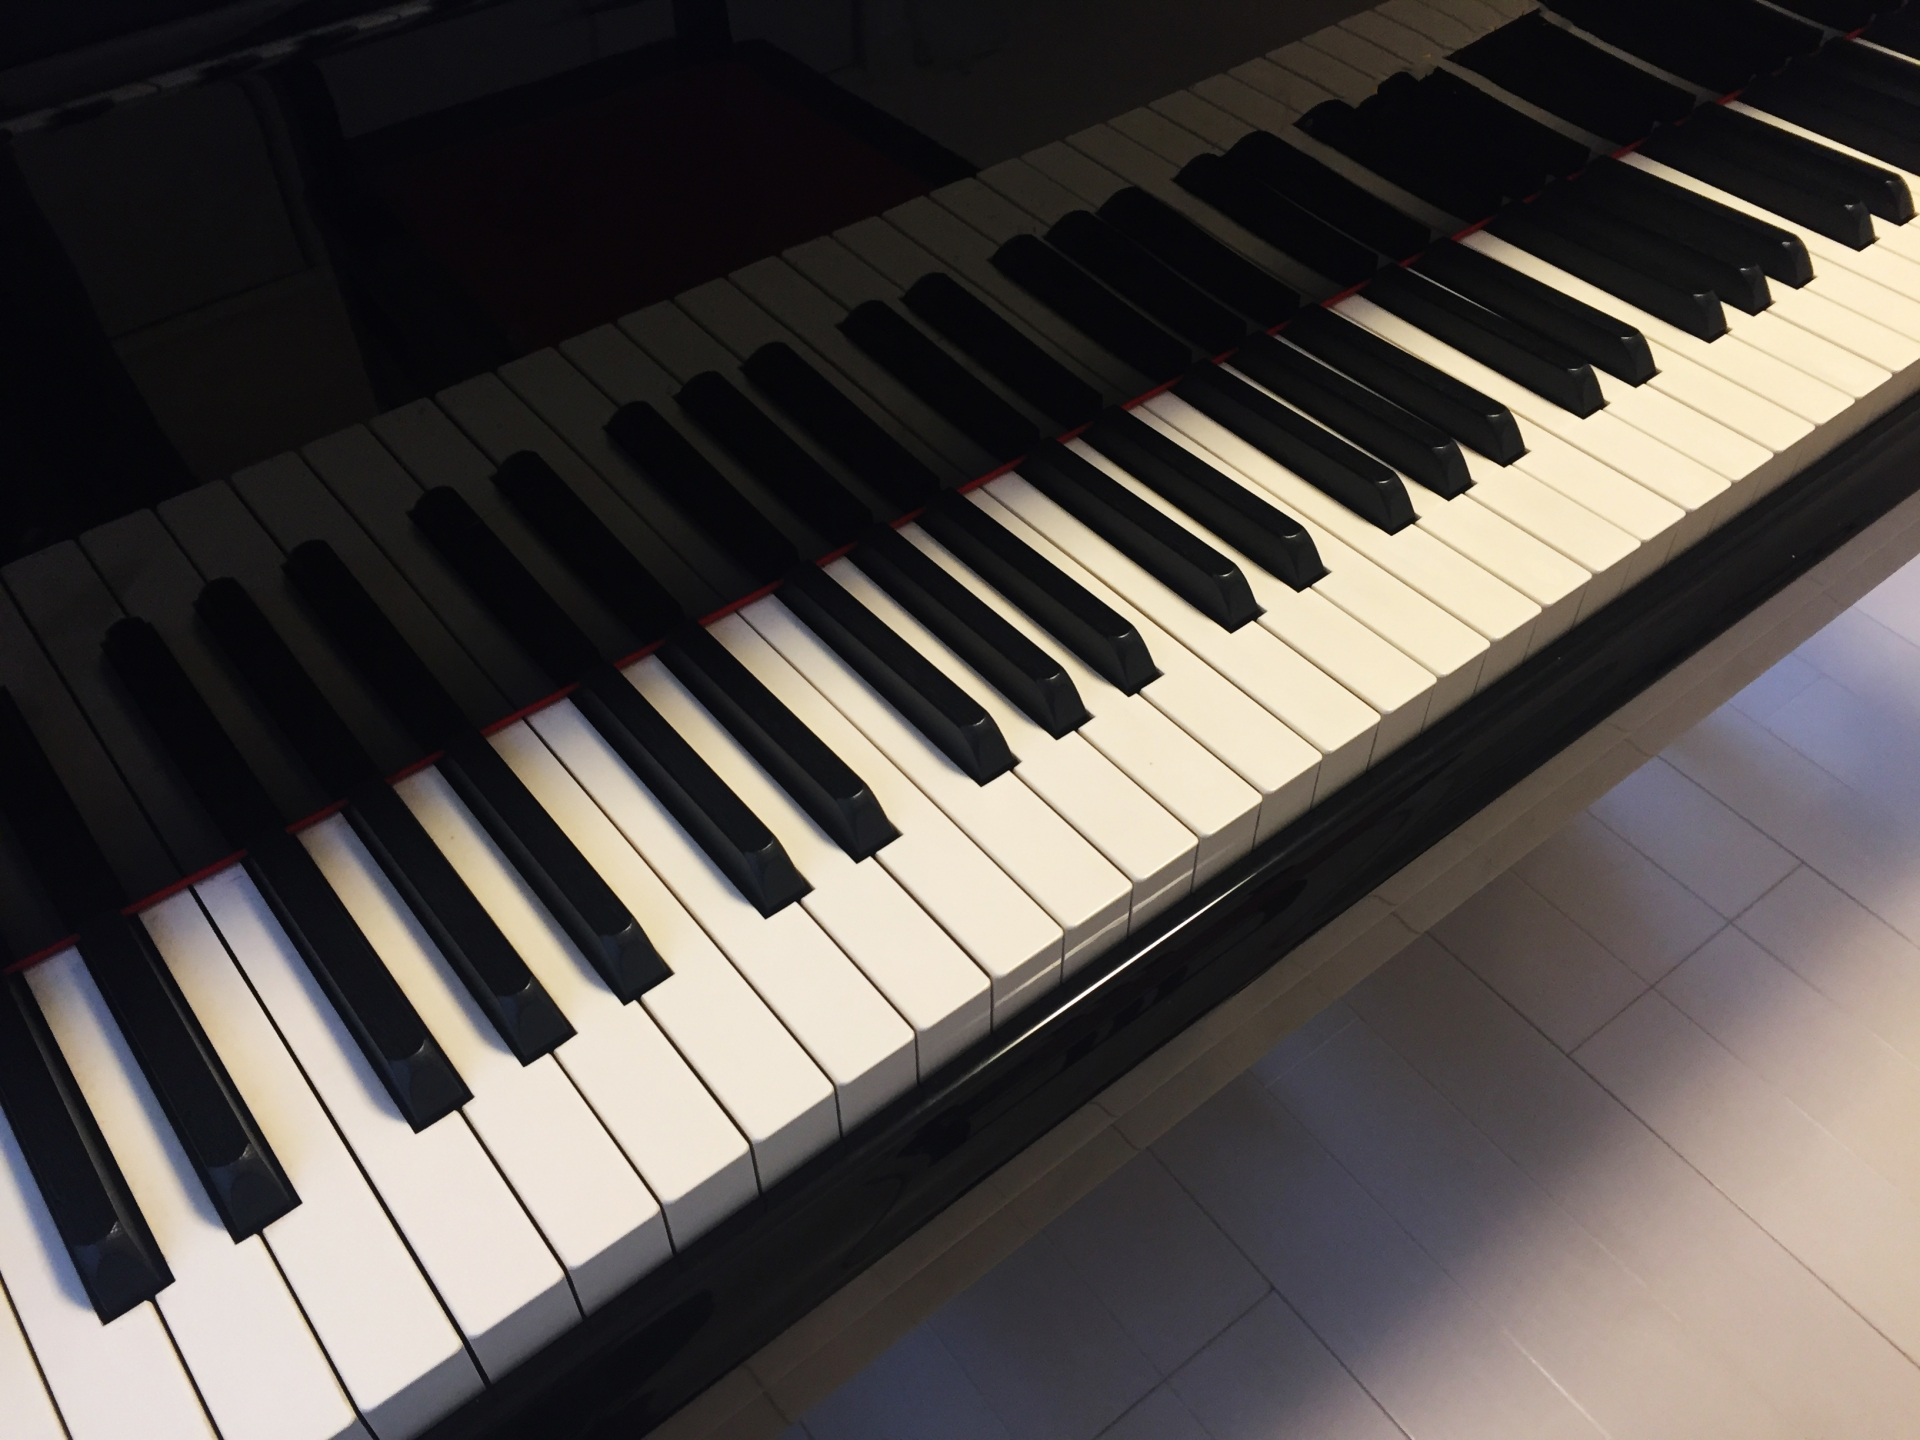 ピアノを弾く姿勢の基本や上達するために大切なポイントとは